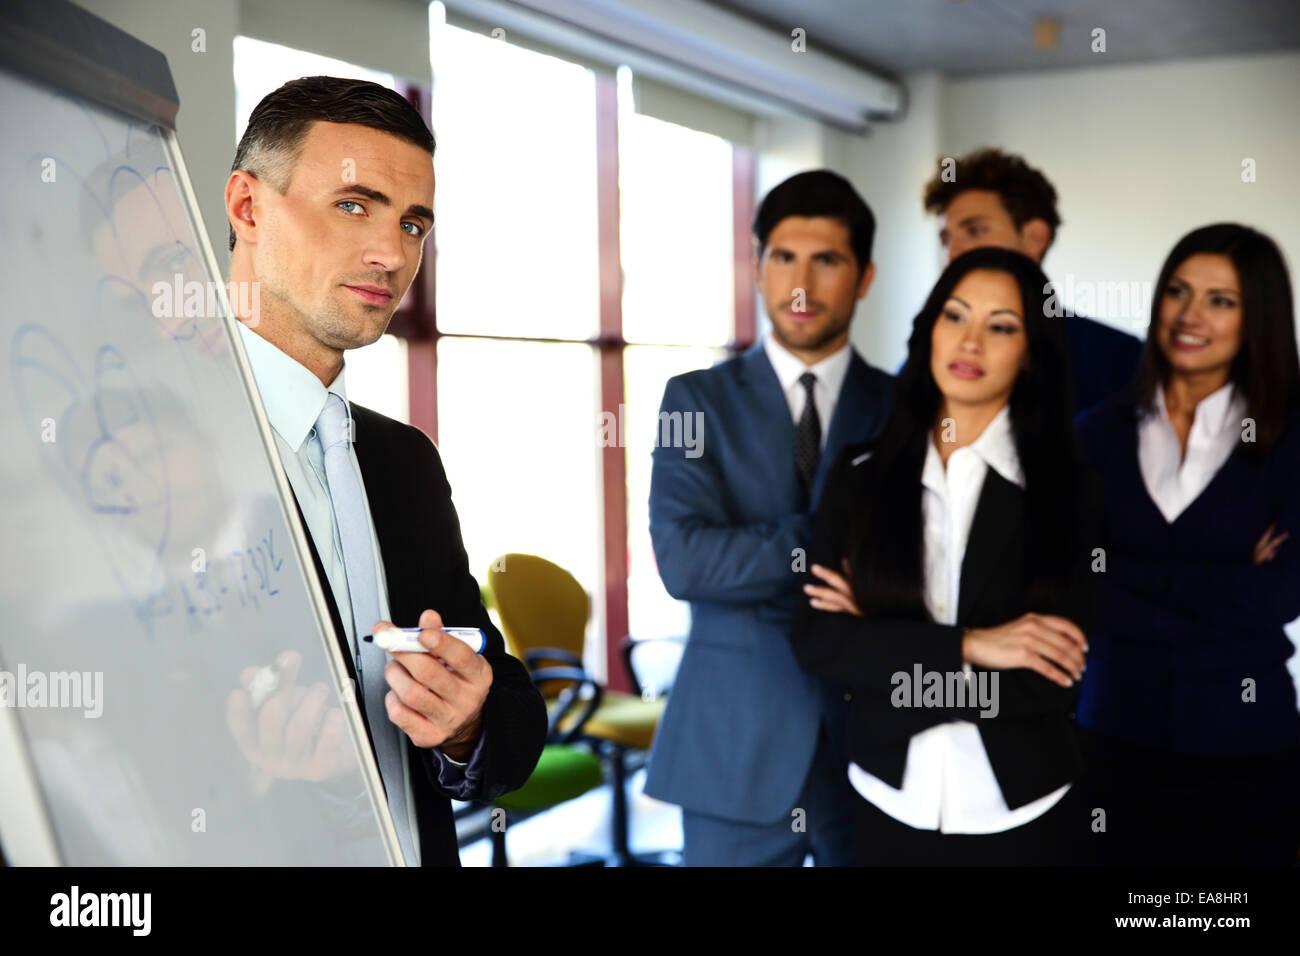 Businessman expliquant quelque chose sur le flipboard à ses collègues Photo Stock